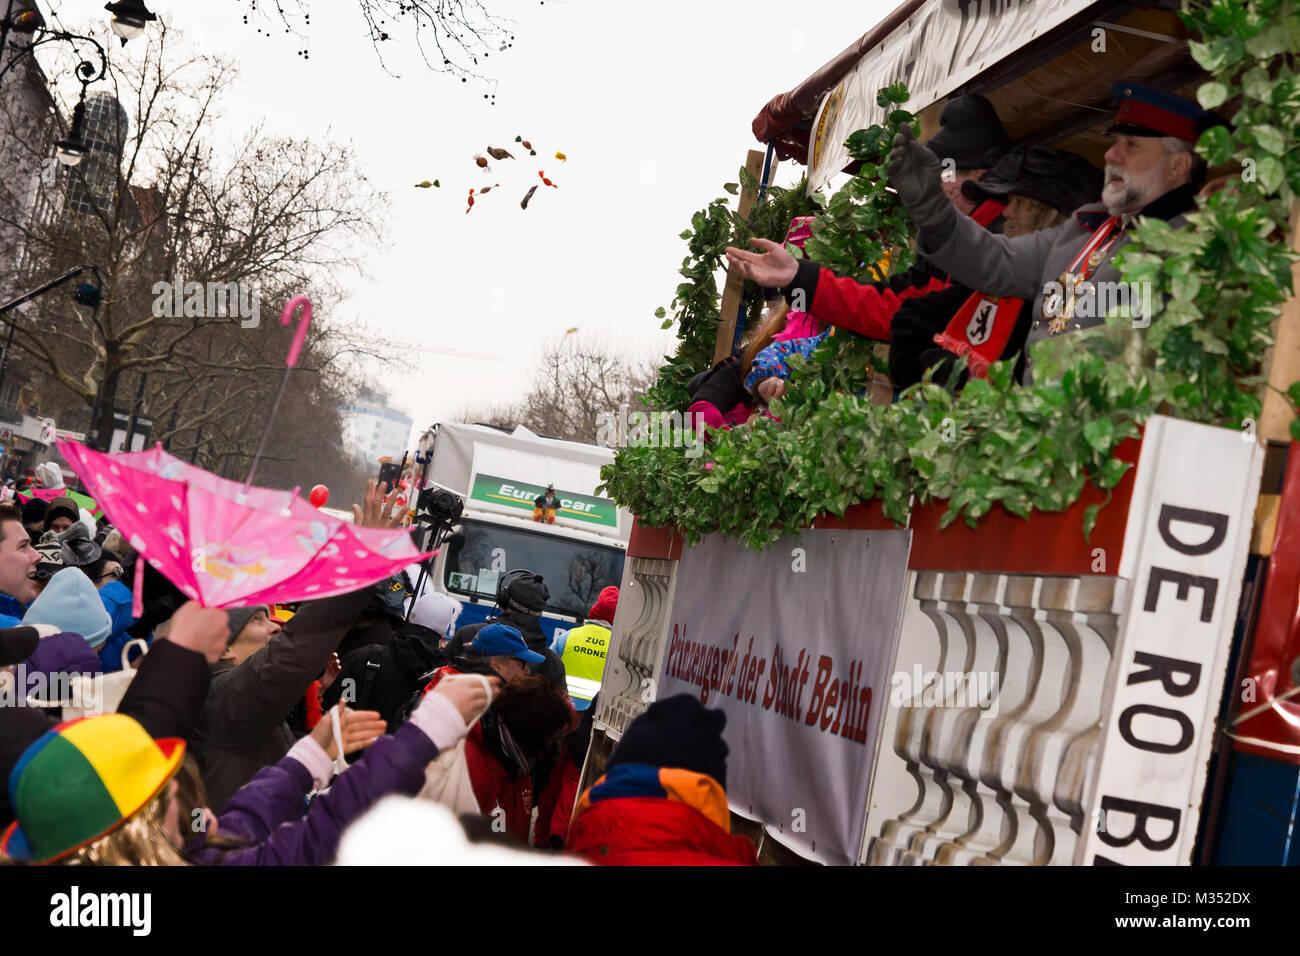 Karneval en Berlín mit kleinliche Auflagen für grosses Fest fue ...